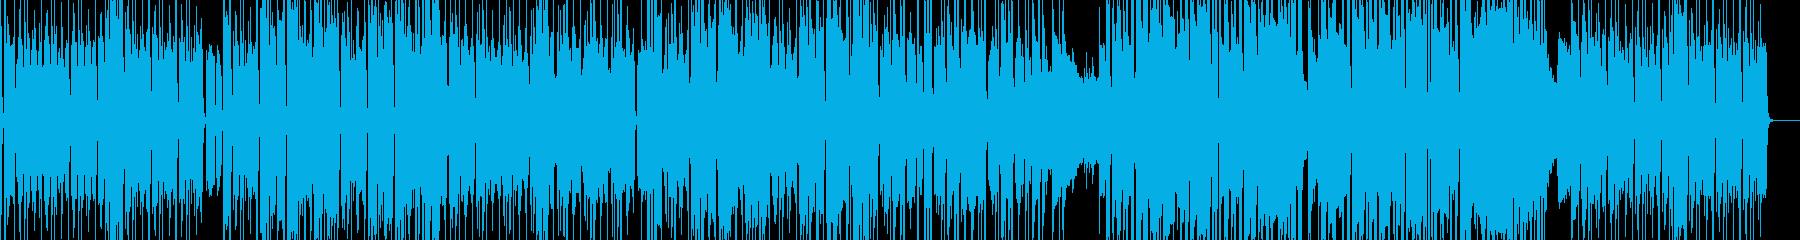 【生サックス】淡々とした感じのファンクの再生済みの波形